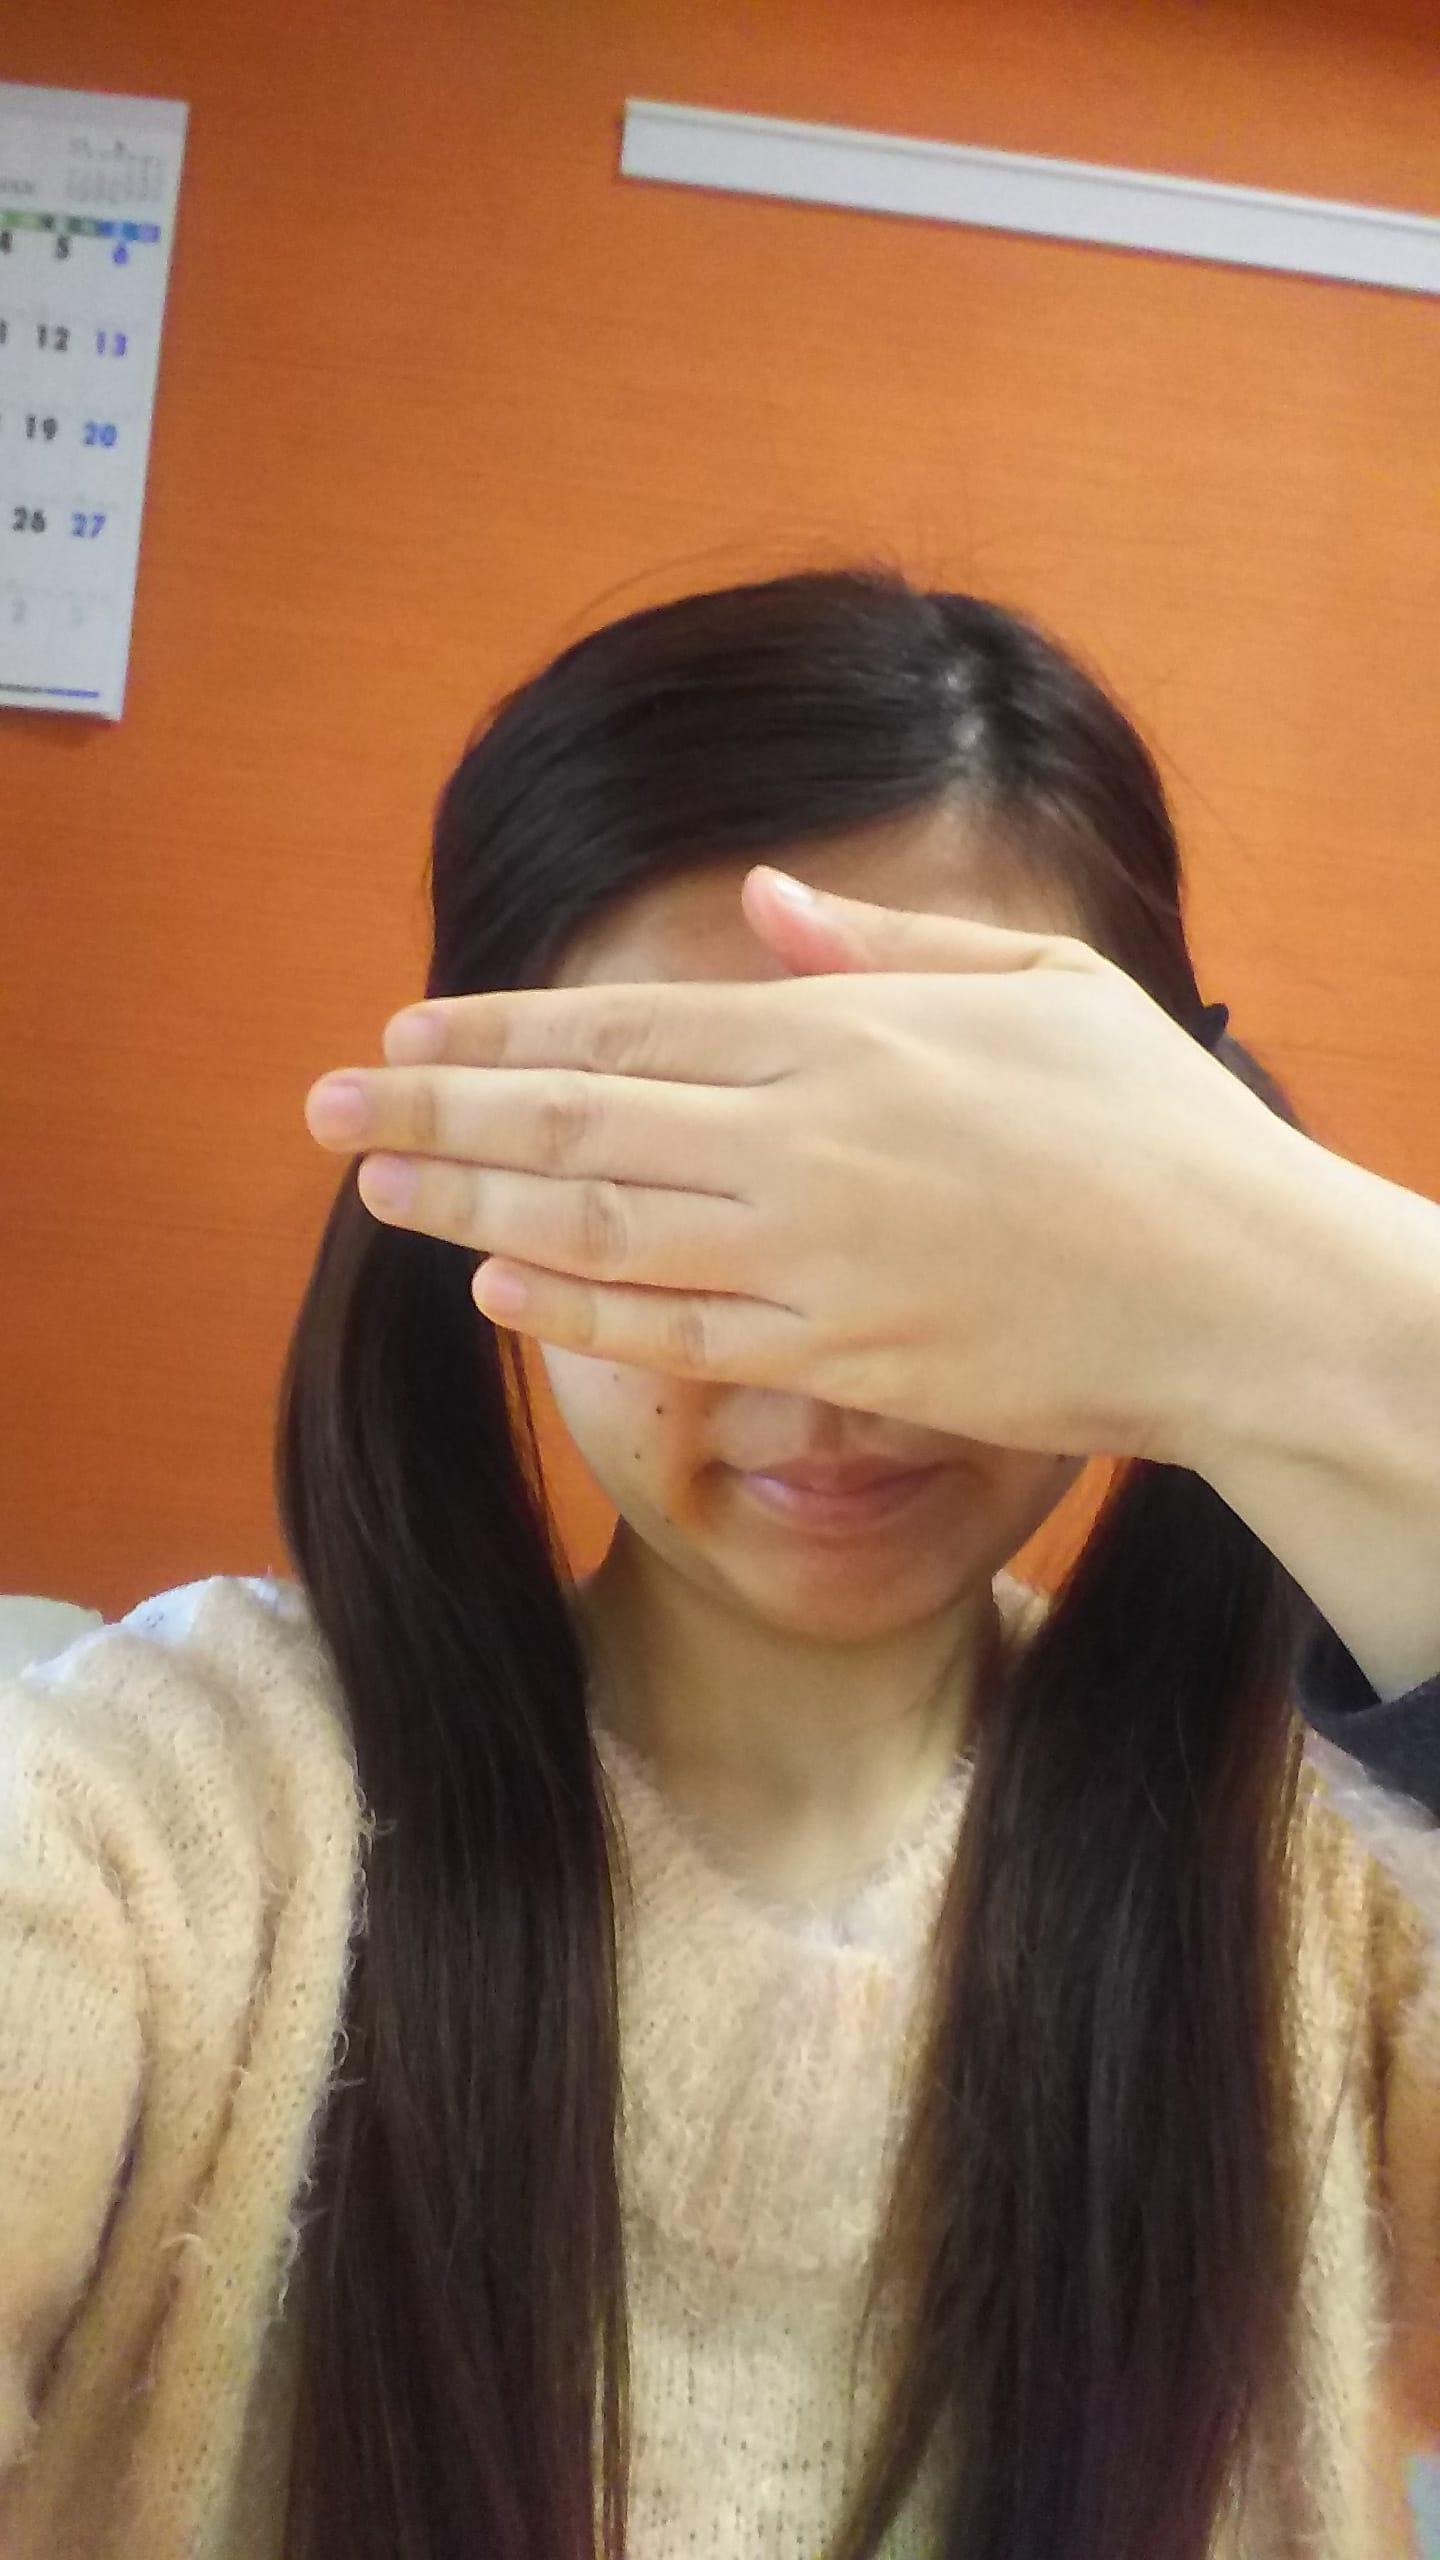 花「飲食バイト休憩中」02/14(水) 19:15 | 花の写メ・風俗動画